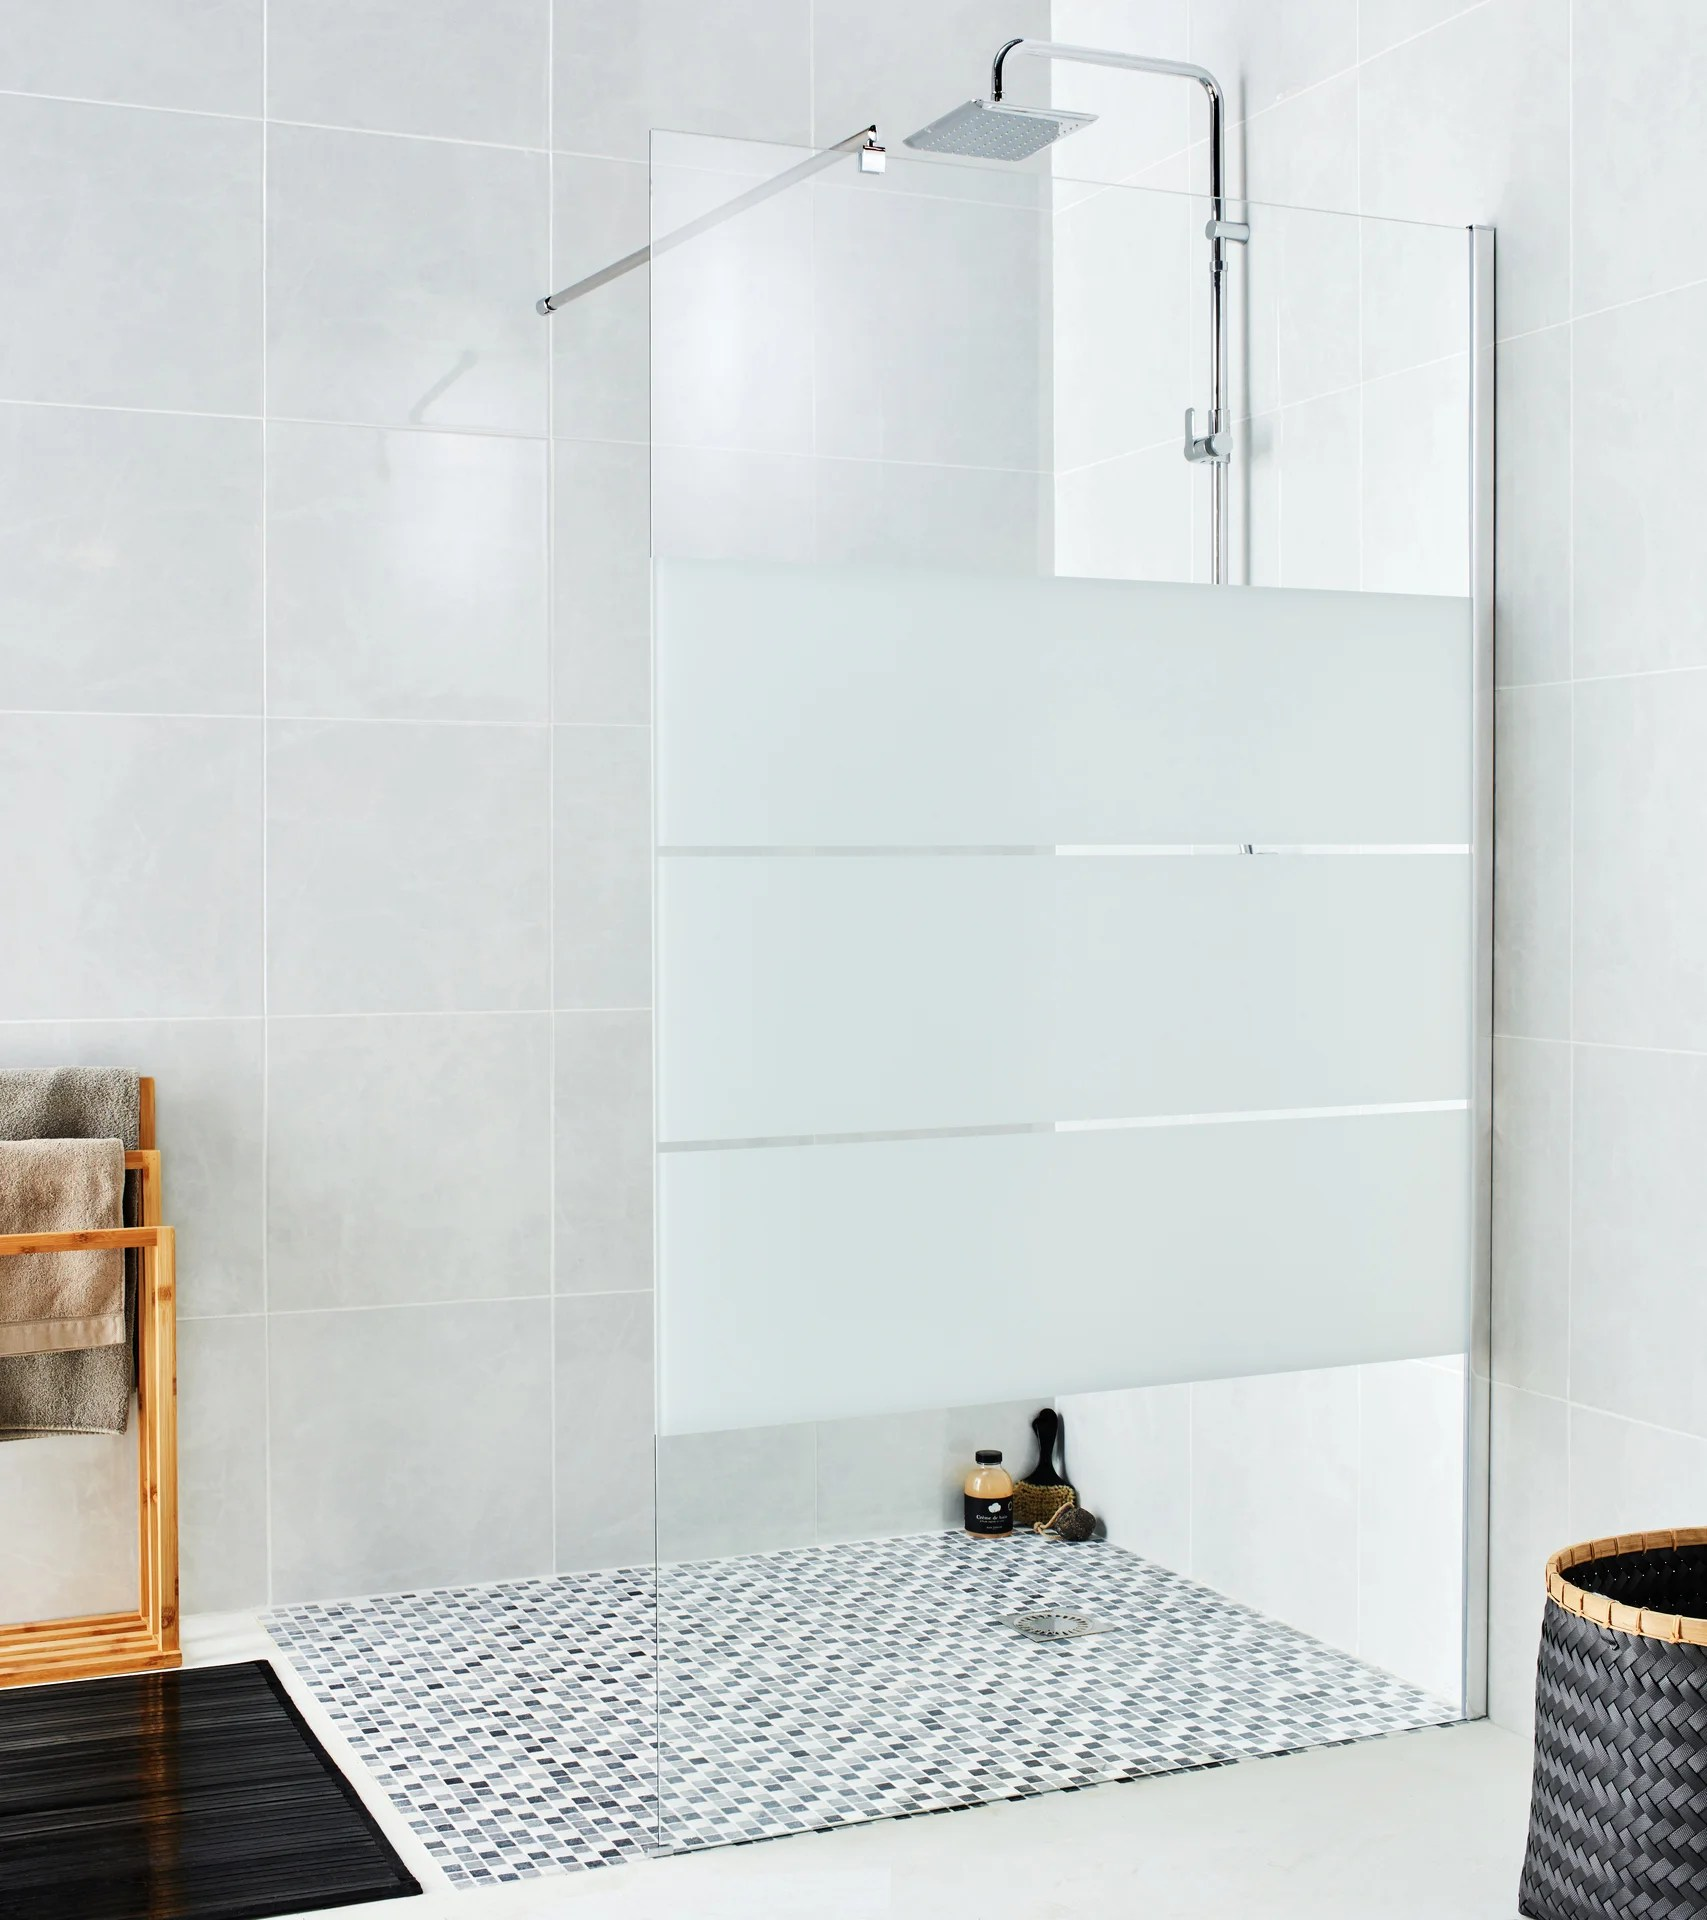 paroi de douche a l italienne verre serigraphie l 120 cm ep 6 mm chrome easy